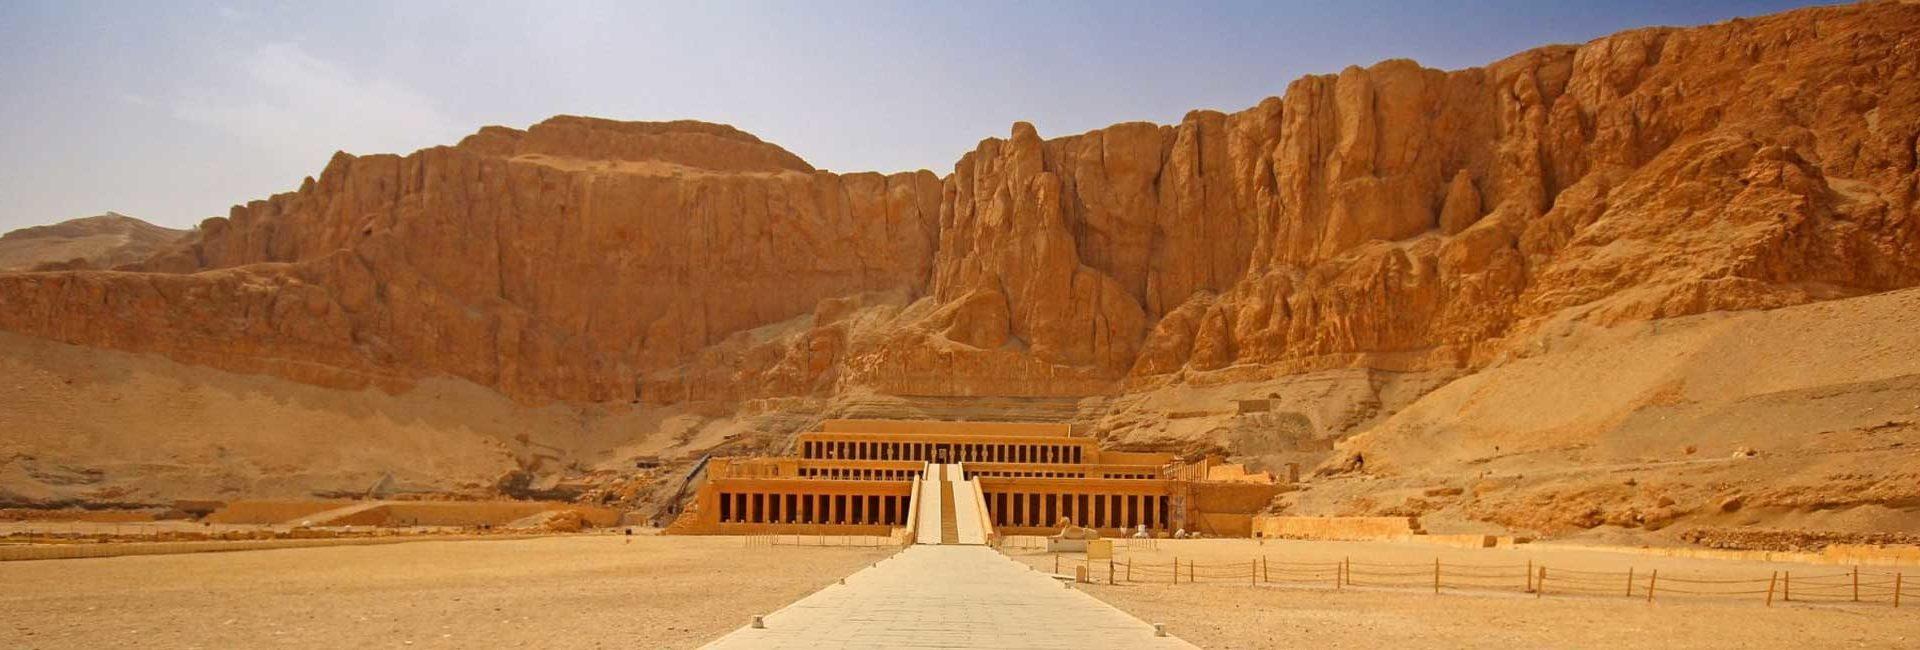 Aswan Tours, Travel & Activities